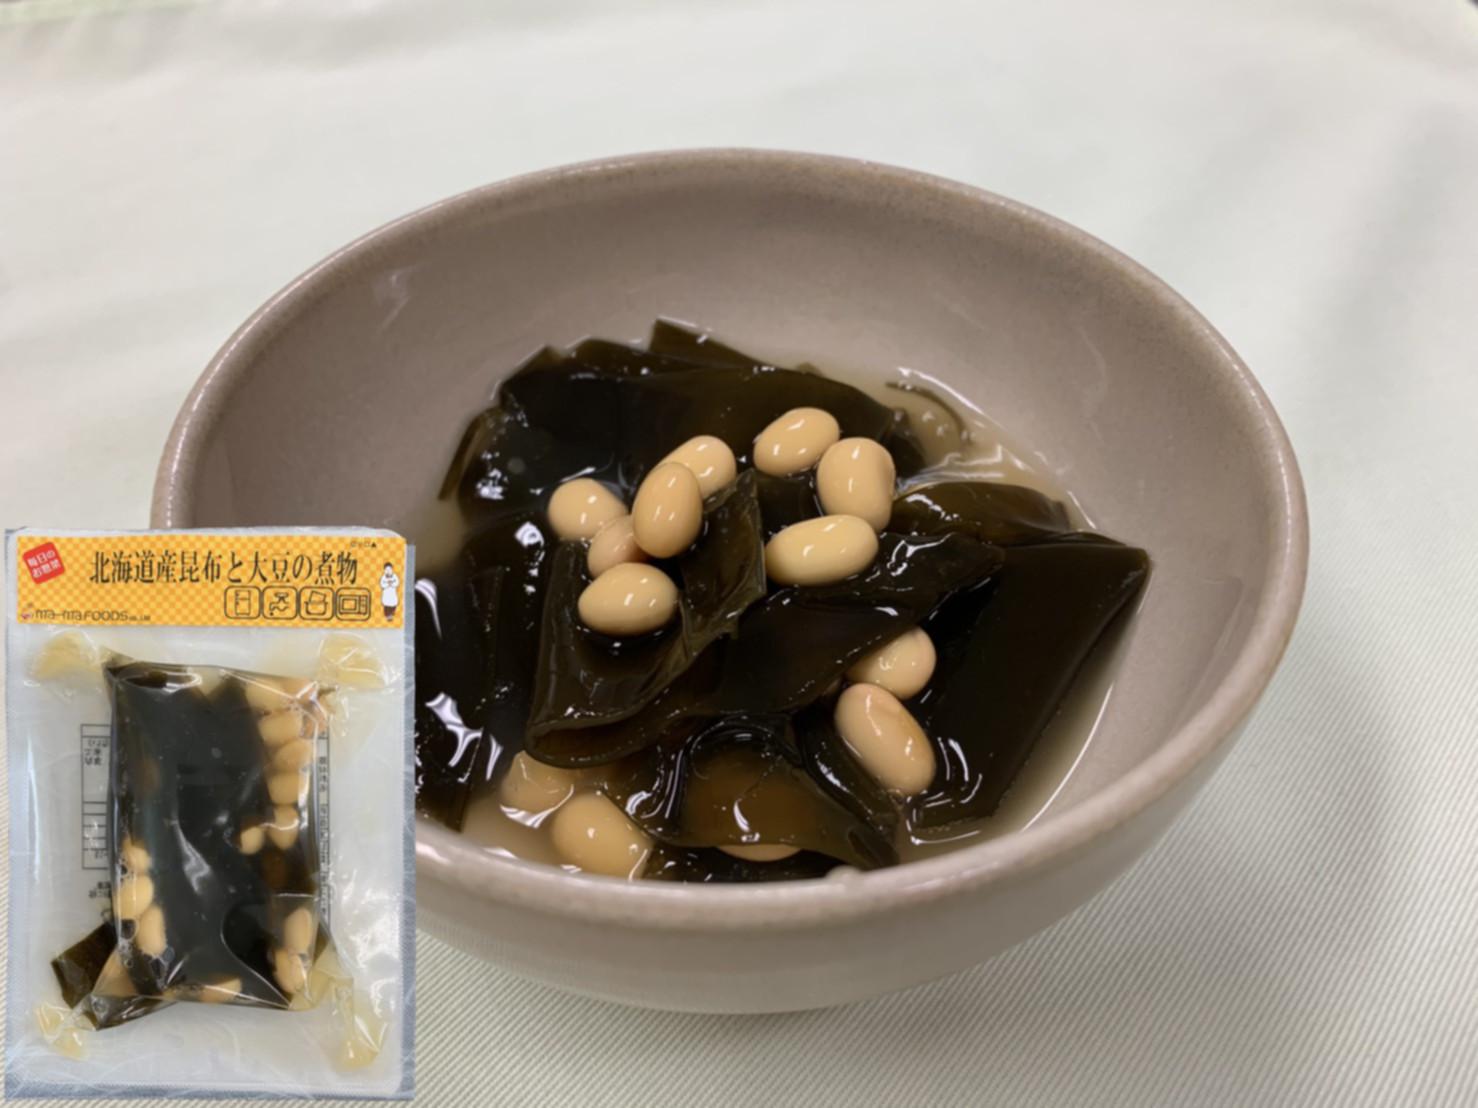 北海道産昆布と大豆の煮物